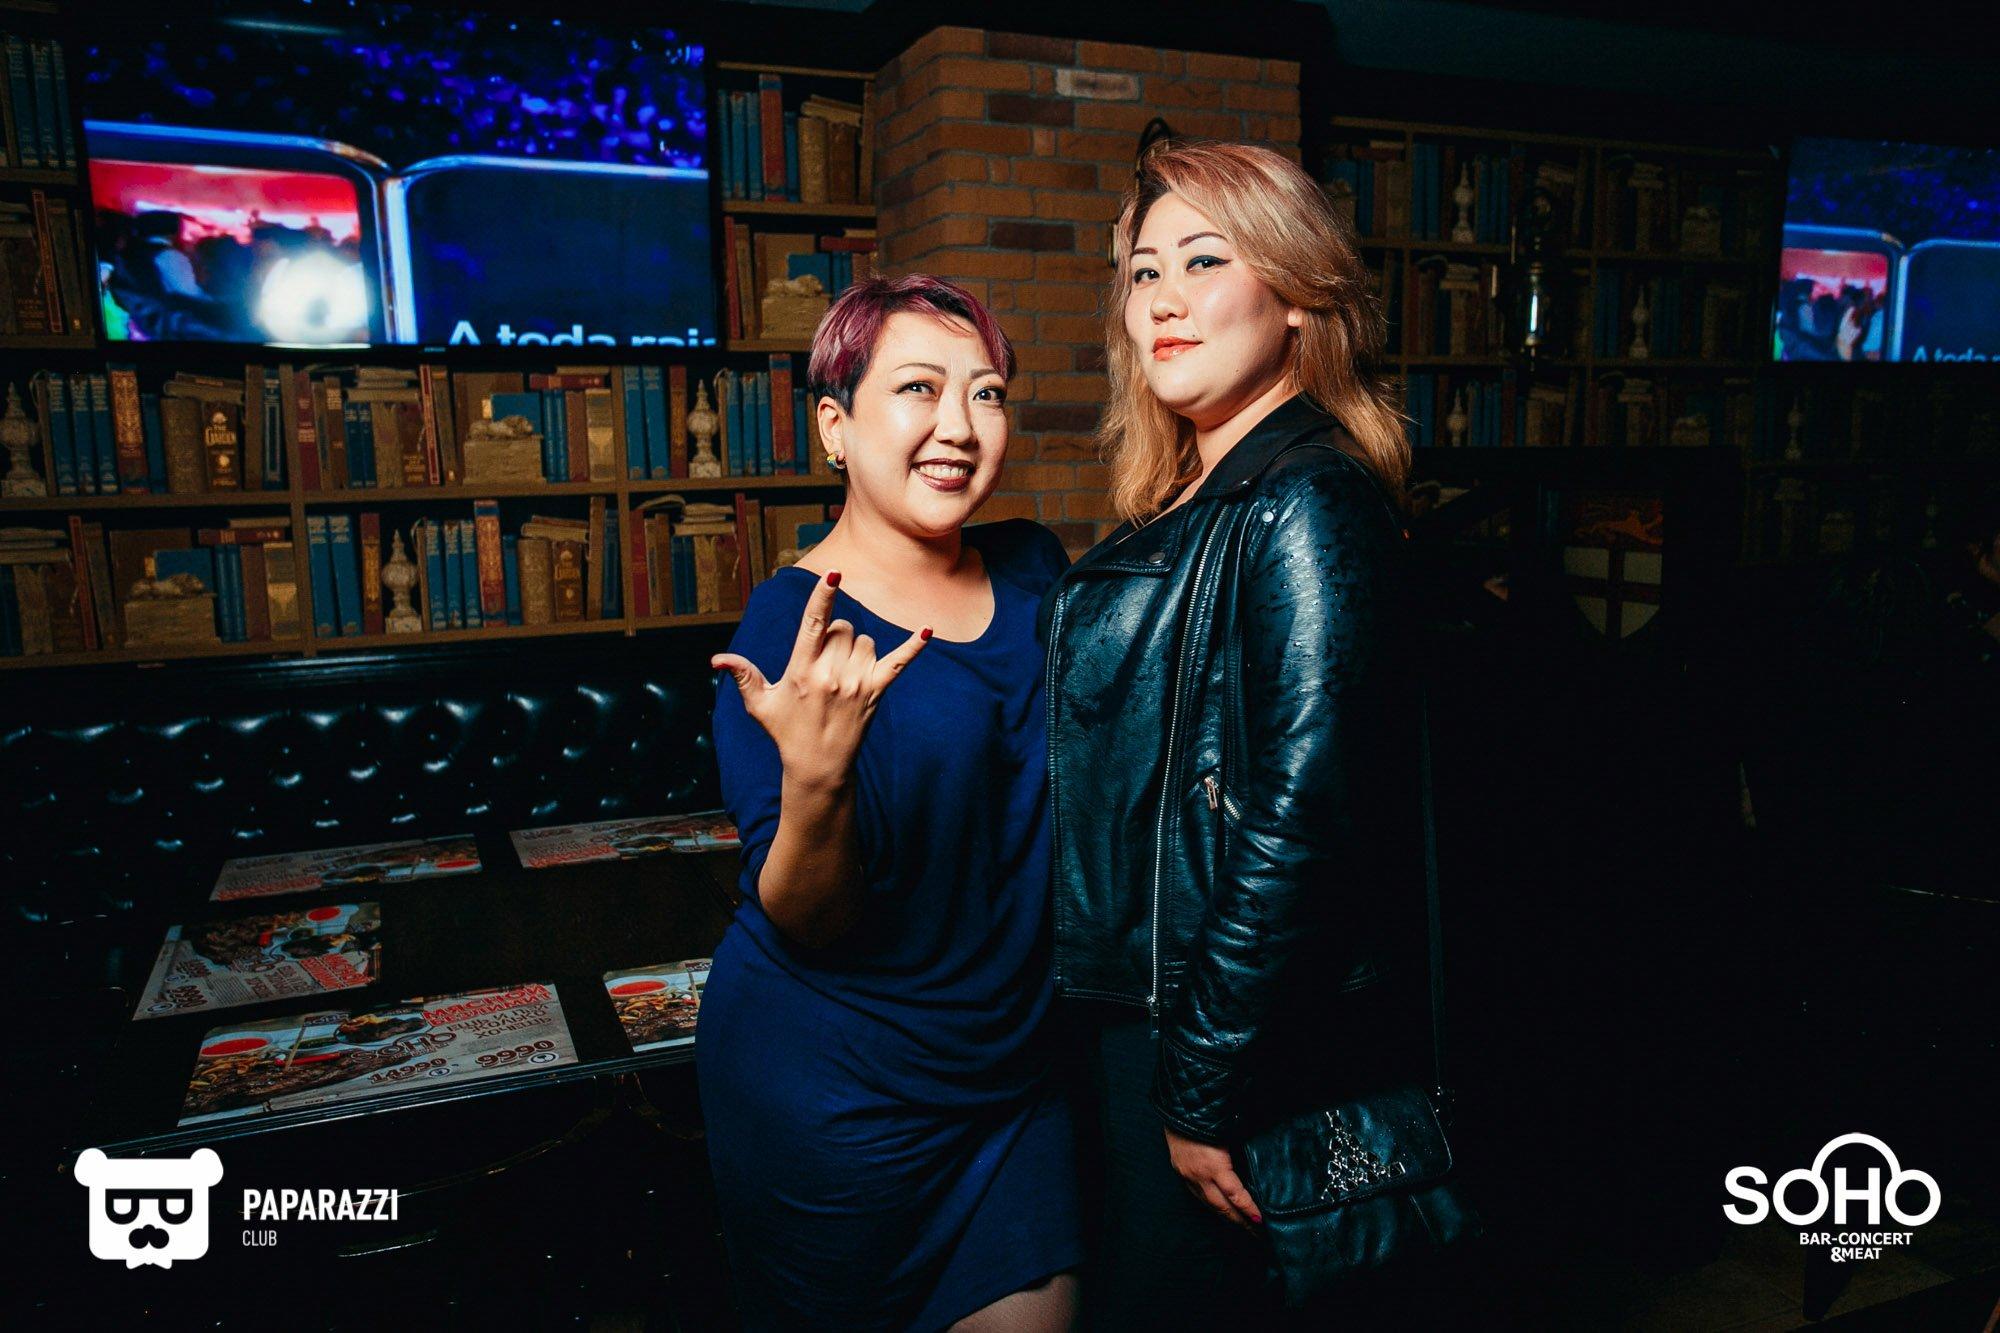 Фотоотчеты из ночных клубов спб позволяют